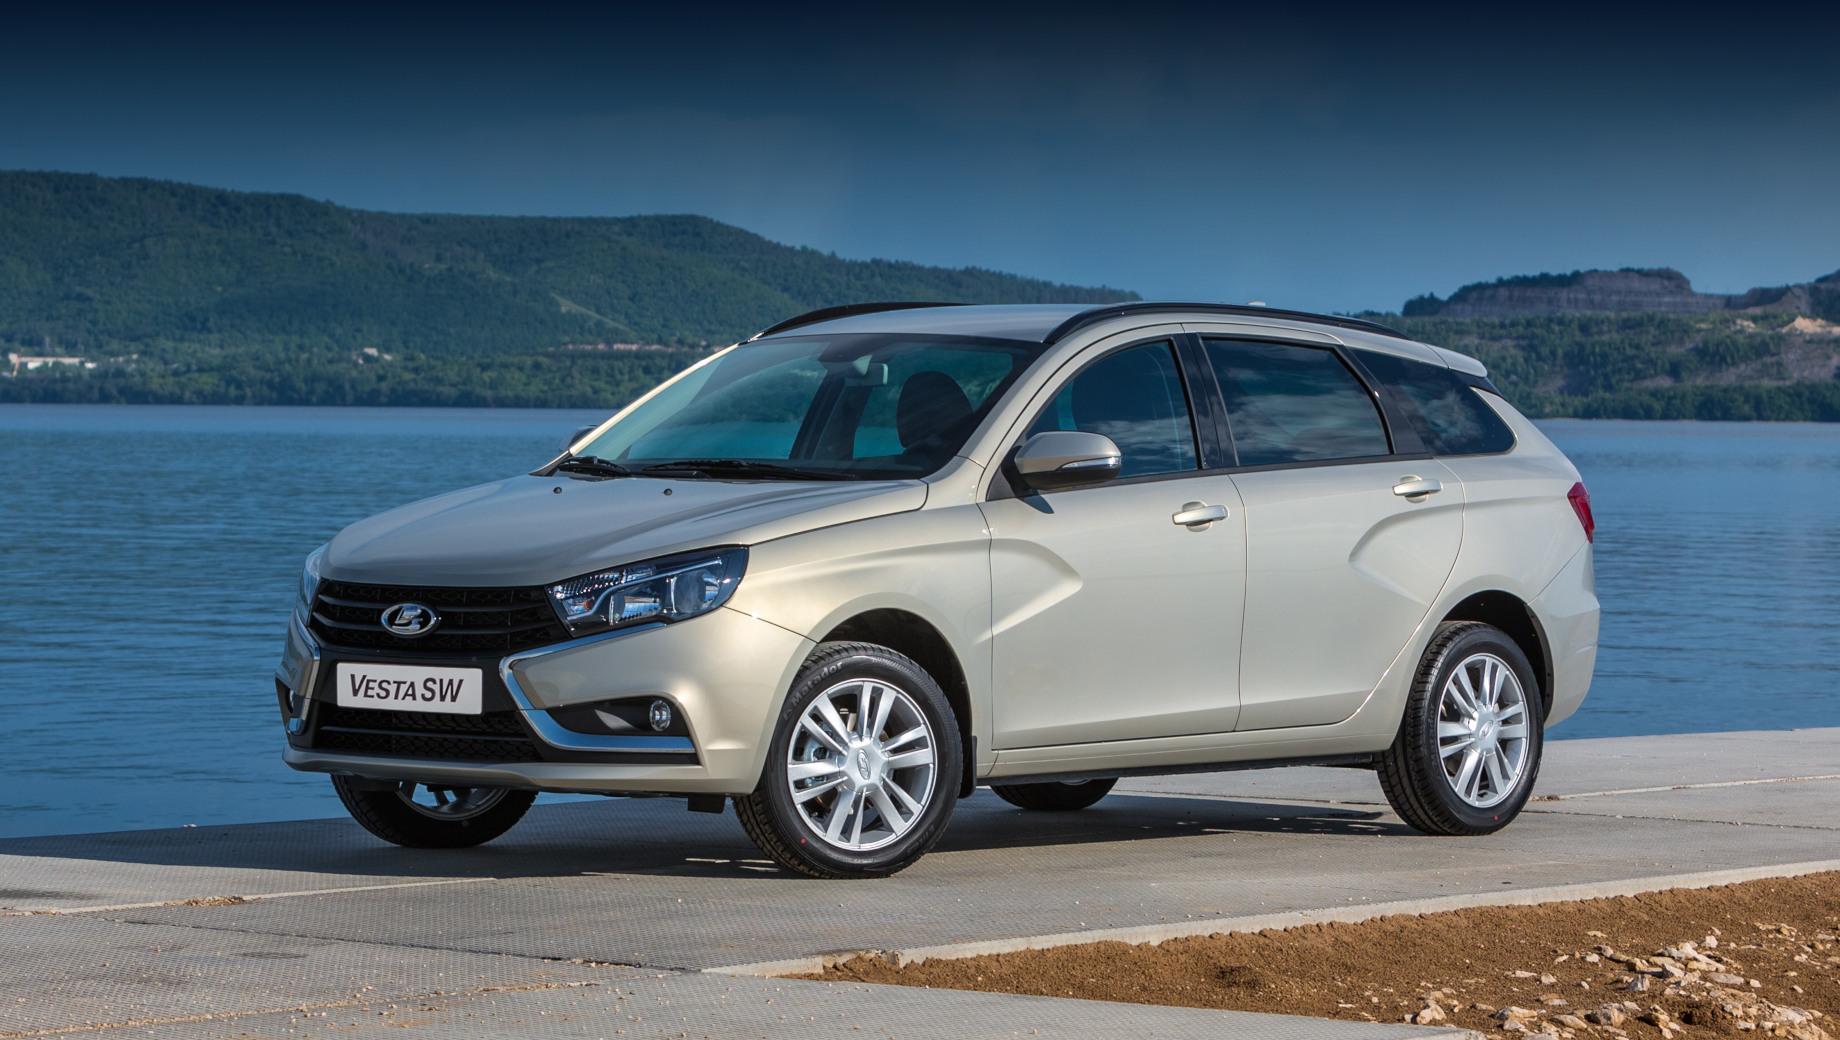 Март отметился всплеском продаж на российском автомобильном рынке